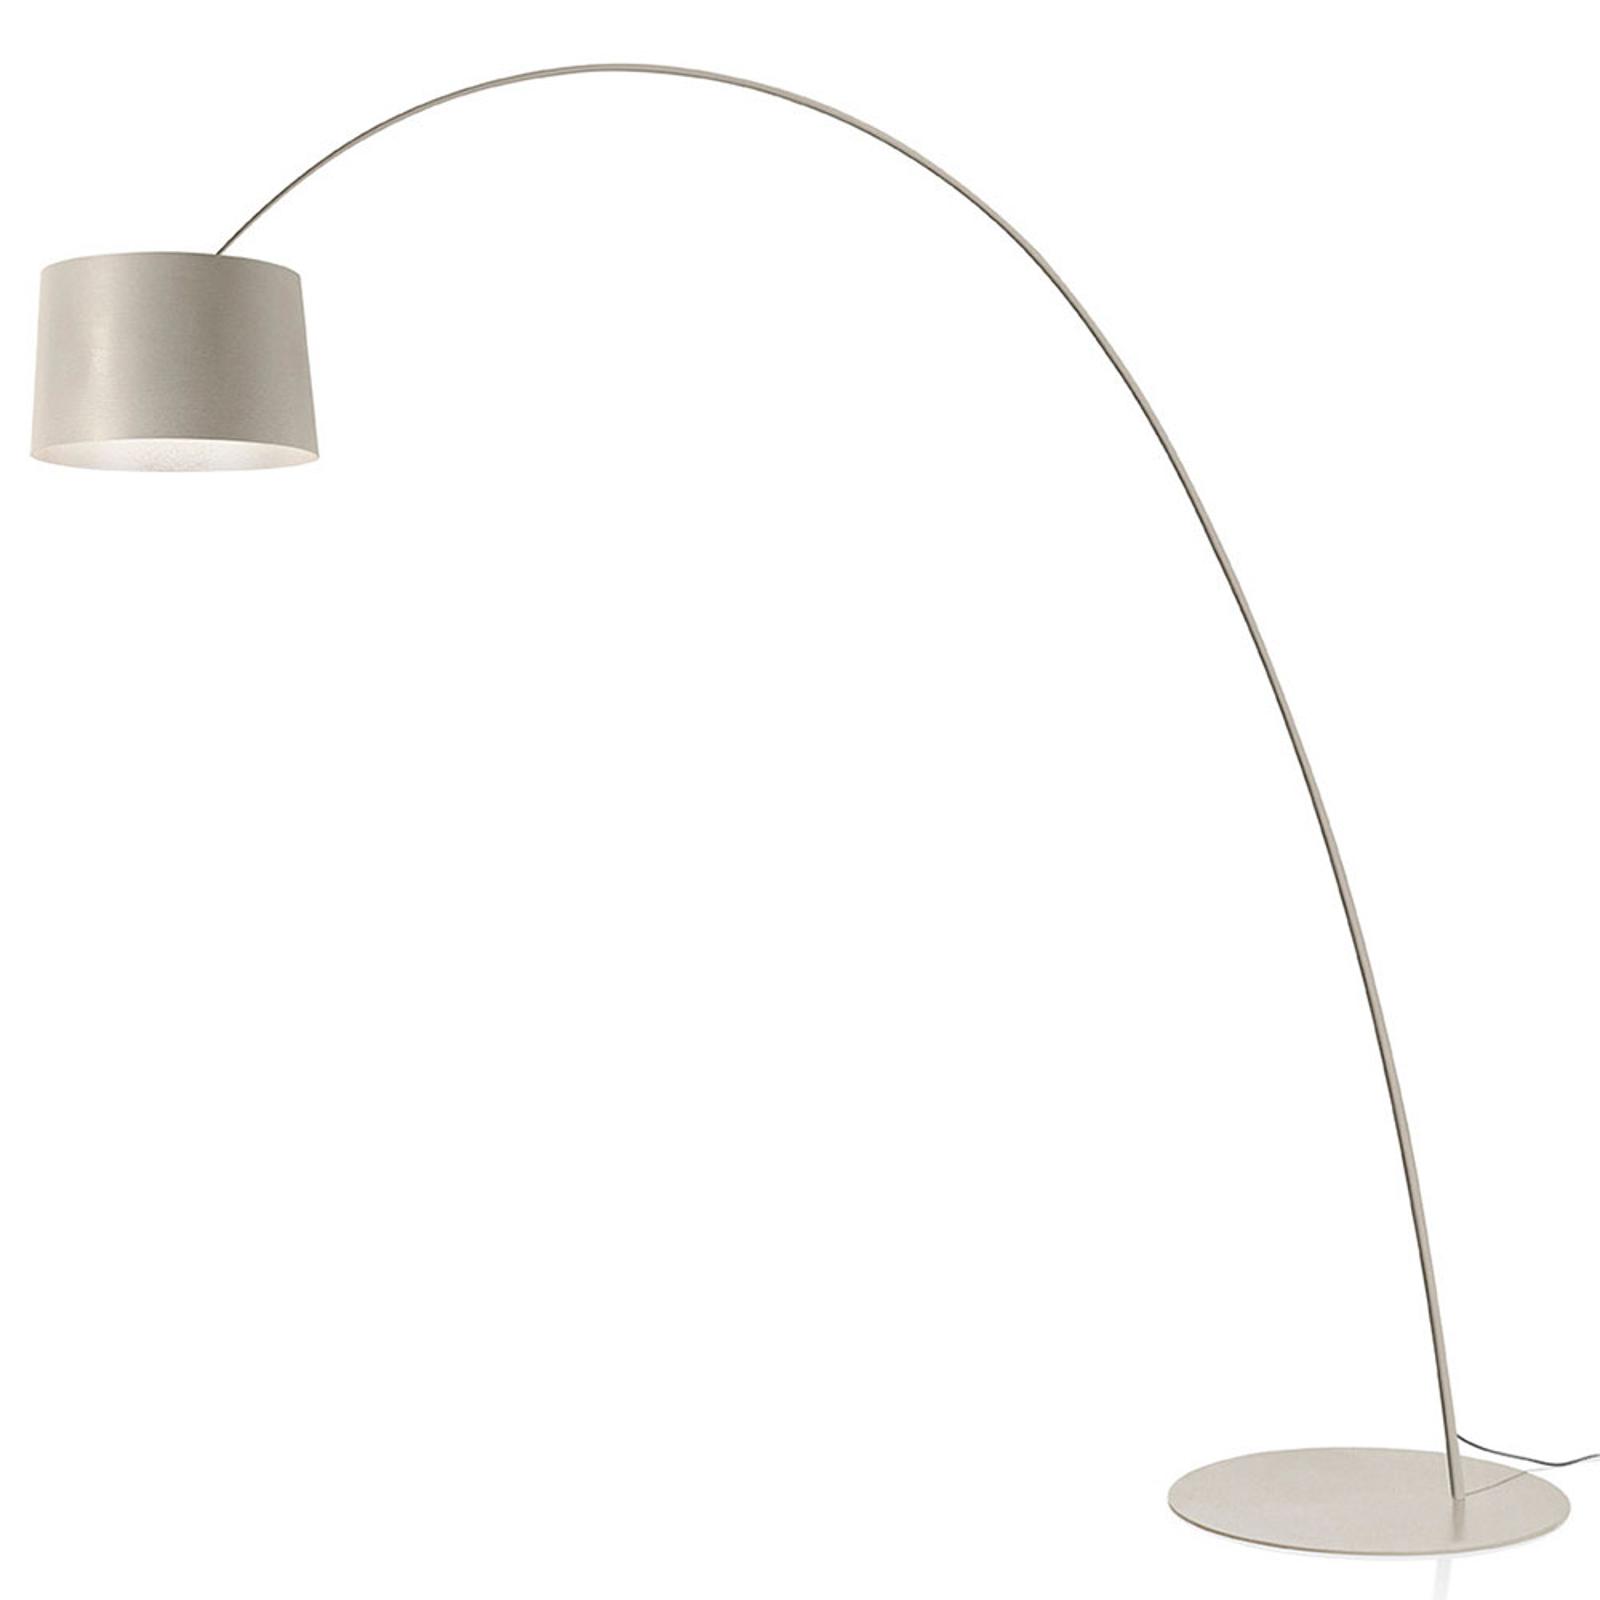 Foscarini Twiggy MyLight LED-Stehleuchte greige